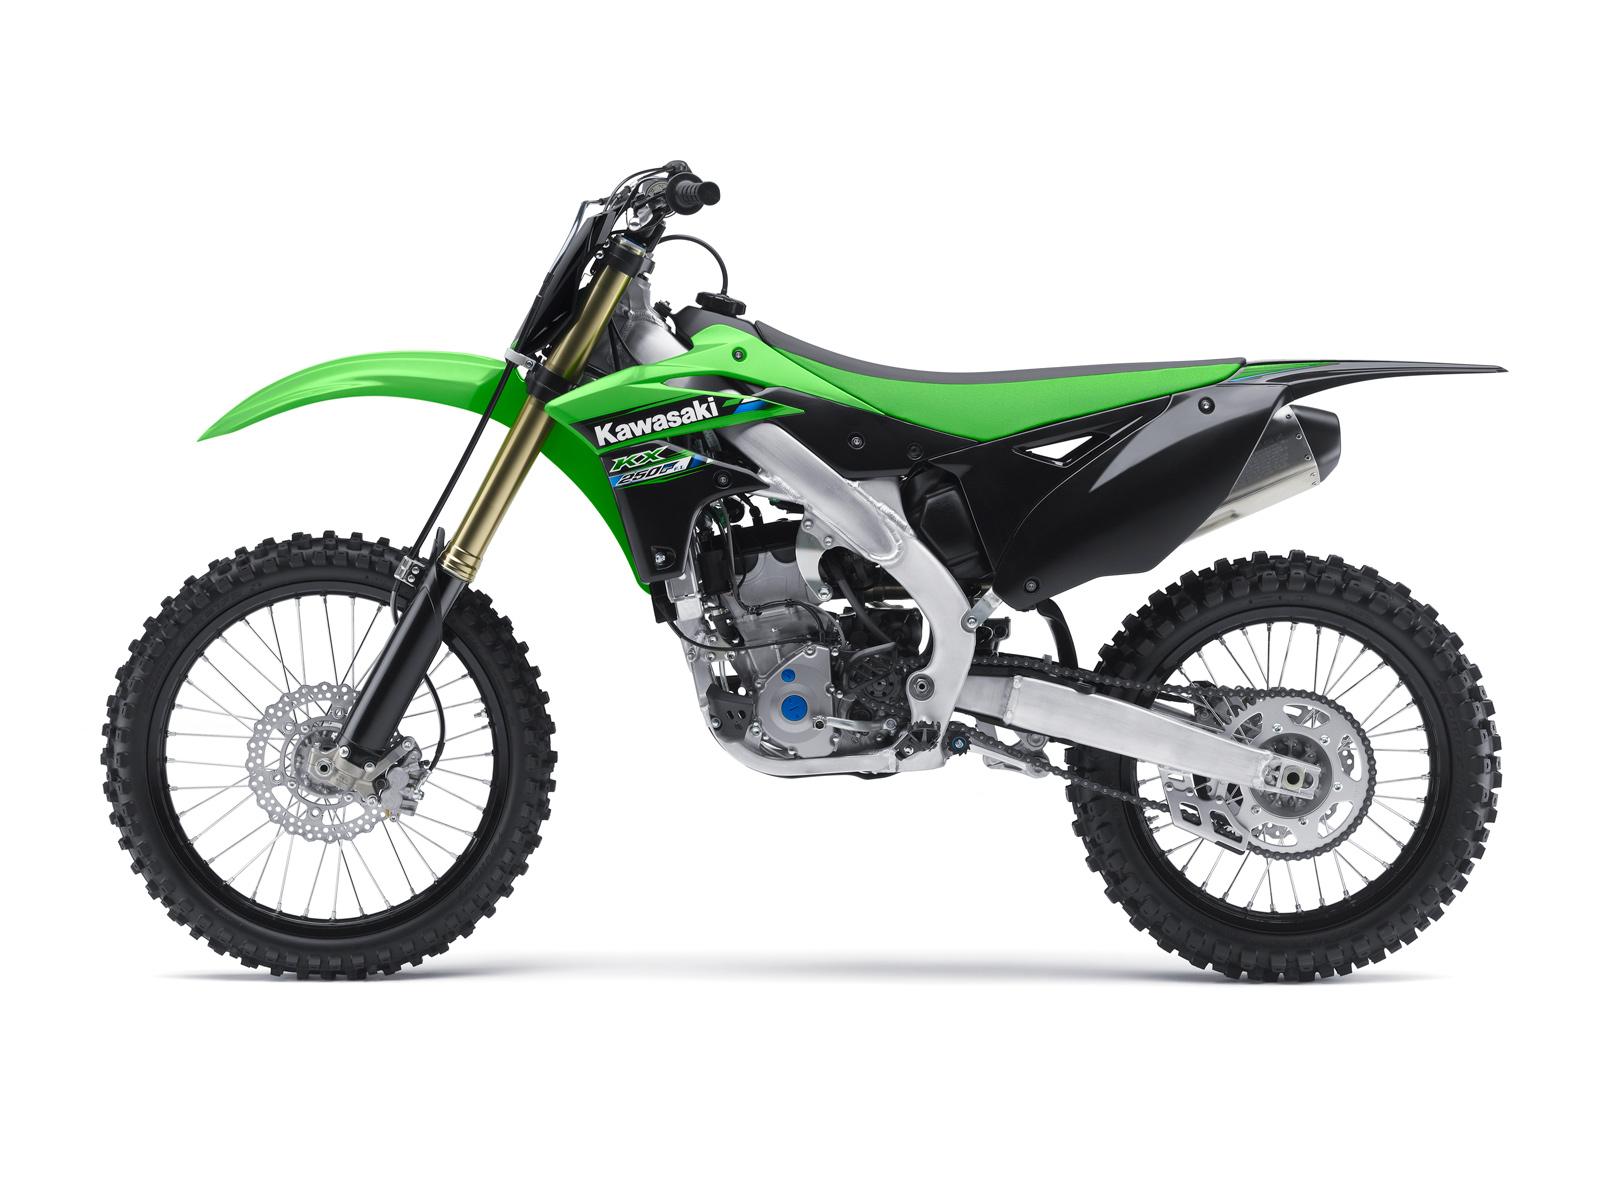 Manual de Serviços - Kawasaki - KX 250F, este Manual de Serviços não pode  faltar em sua oficina para auxiliar o mecânico, ou quem gosta de mexer em  sua moto ...